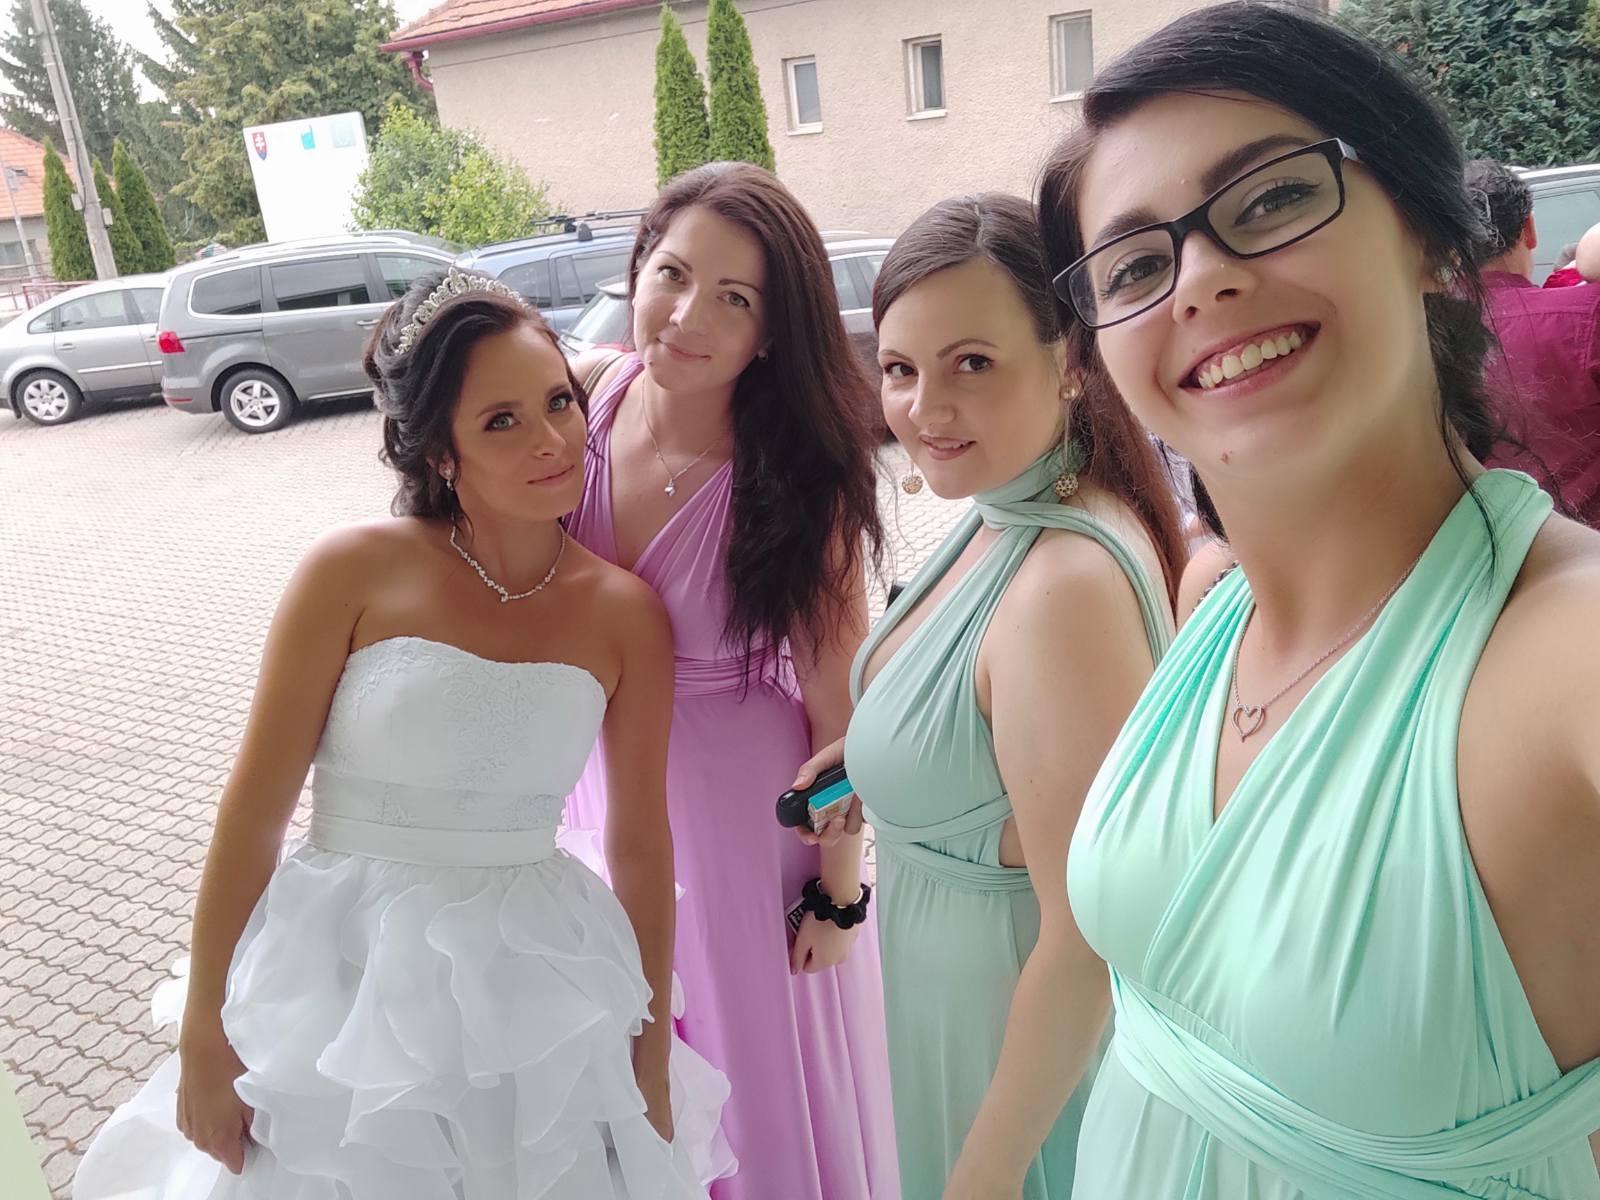 Svadobné selfie - Obrázok č. 2